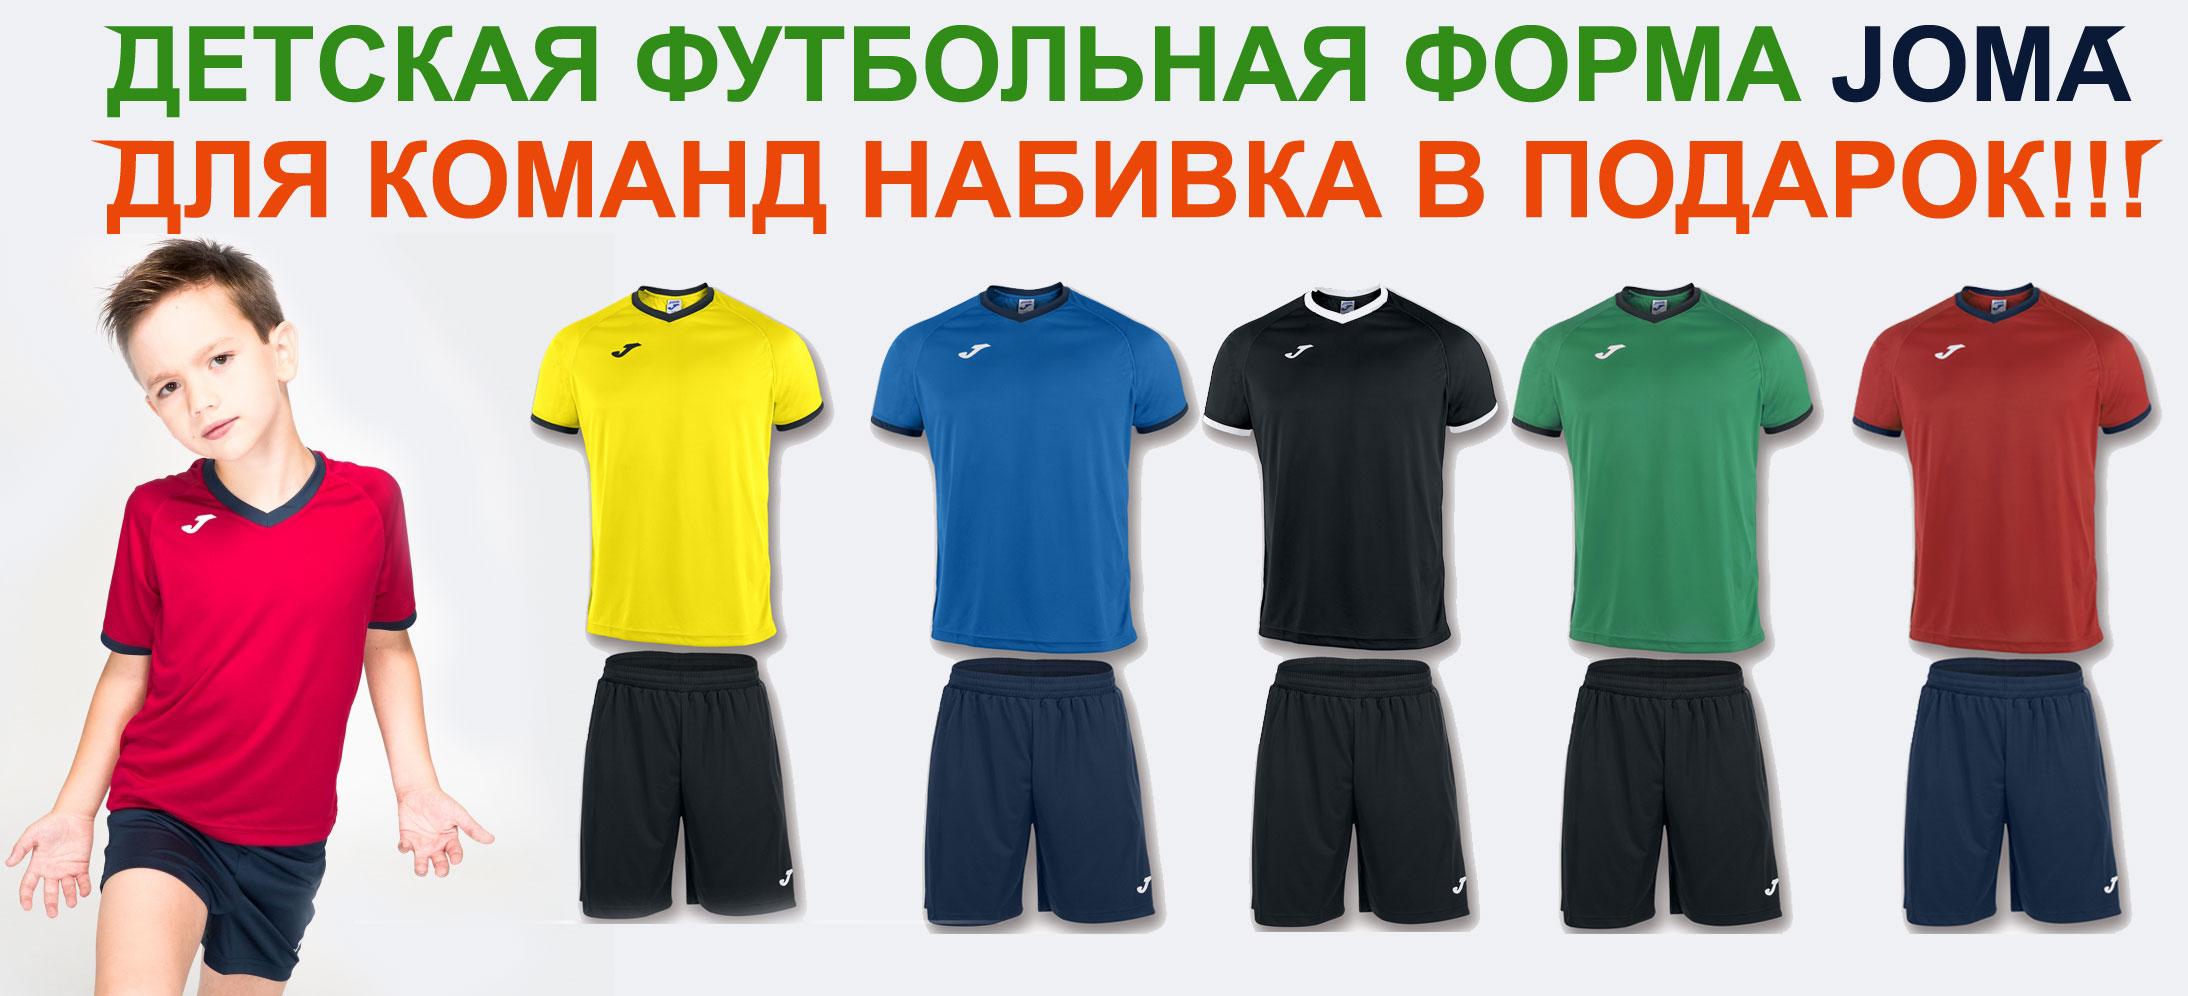 98da0dff9df2 Купить детскую футбольную форму - детская футбольная форма оптом для ...